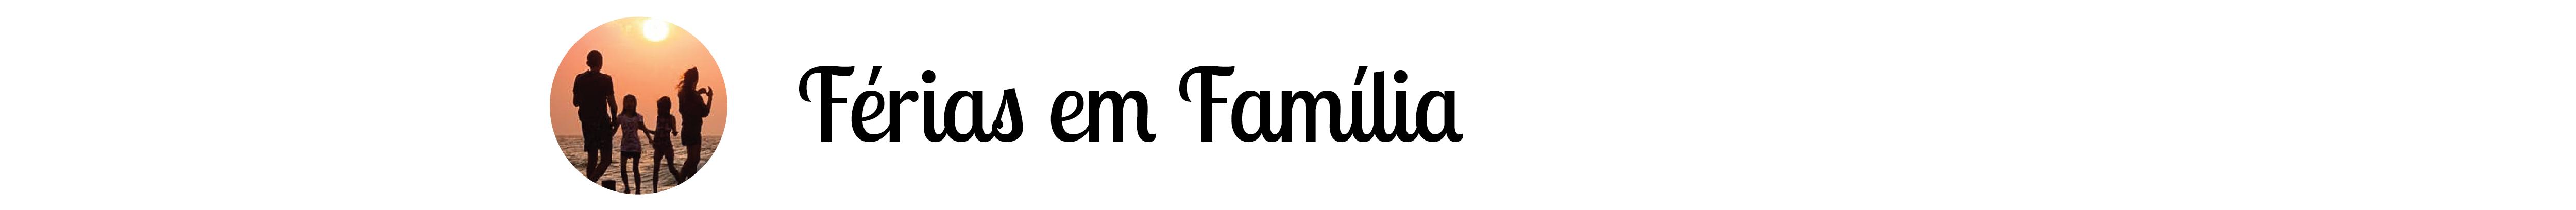 férias em familia